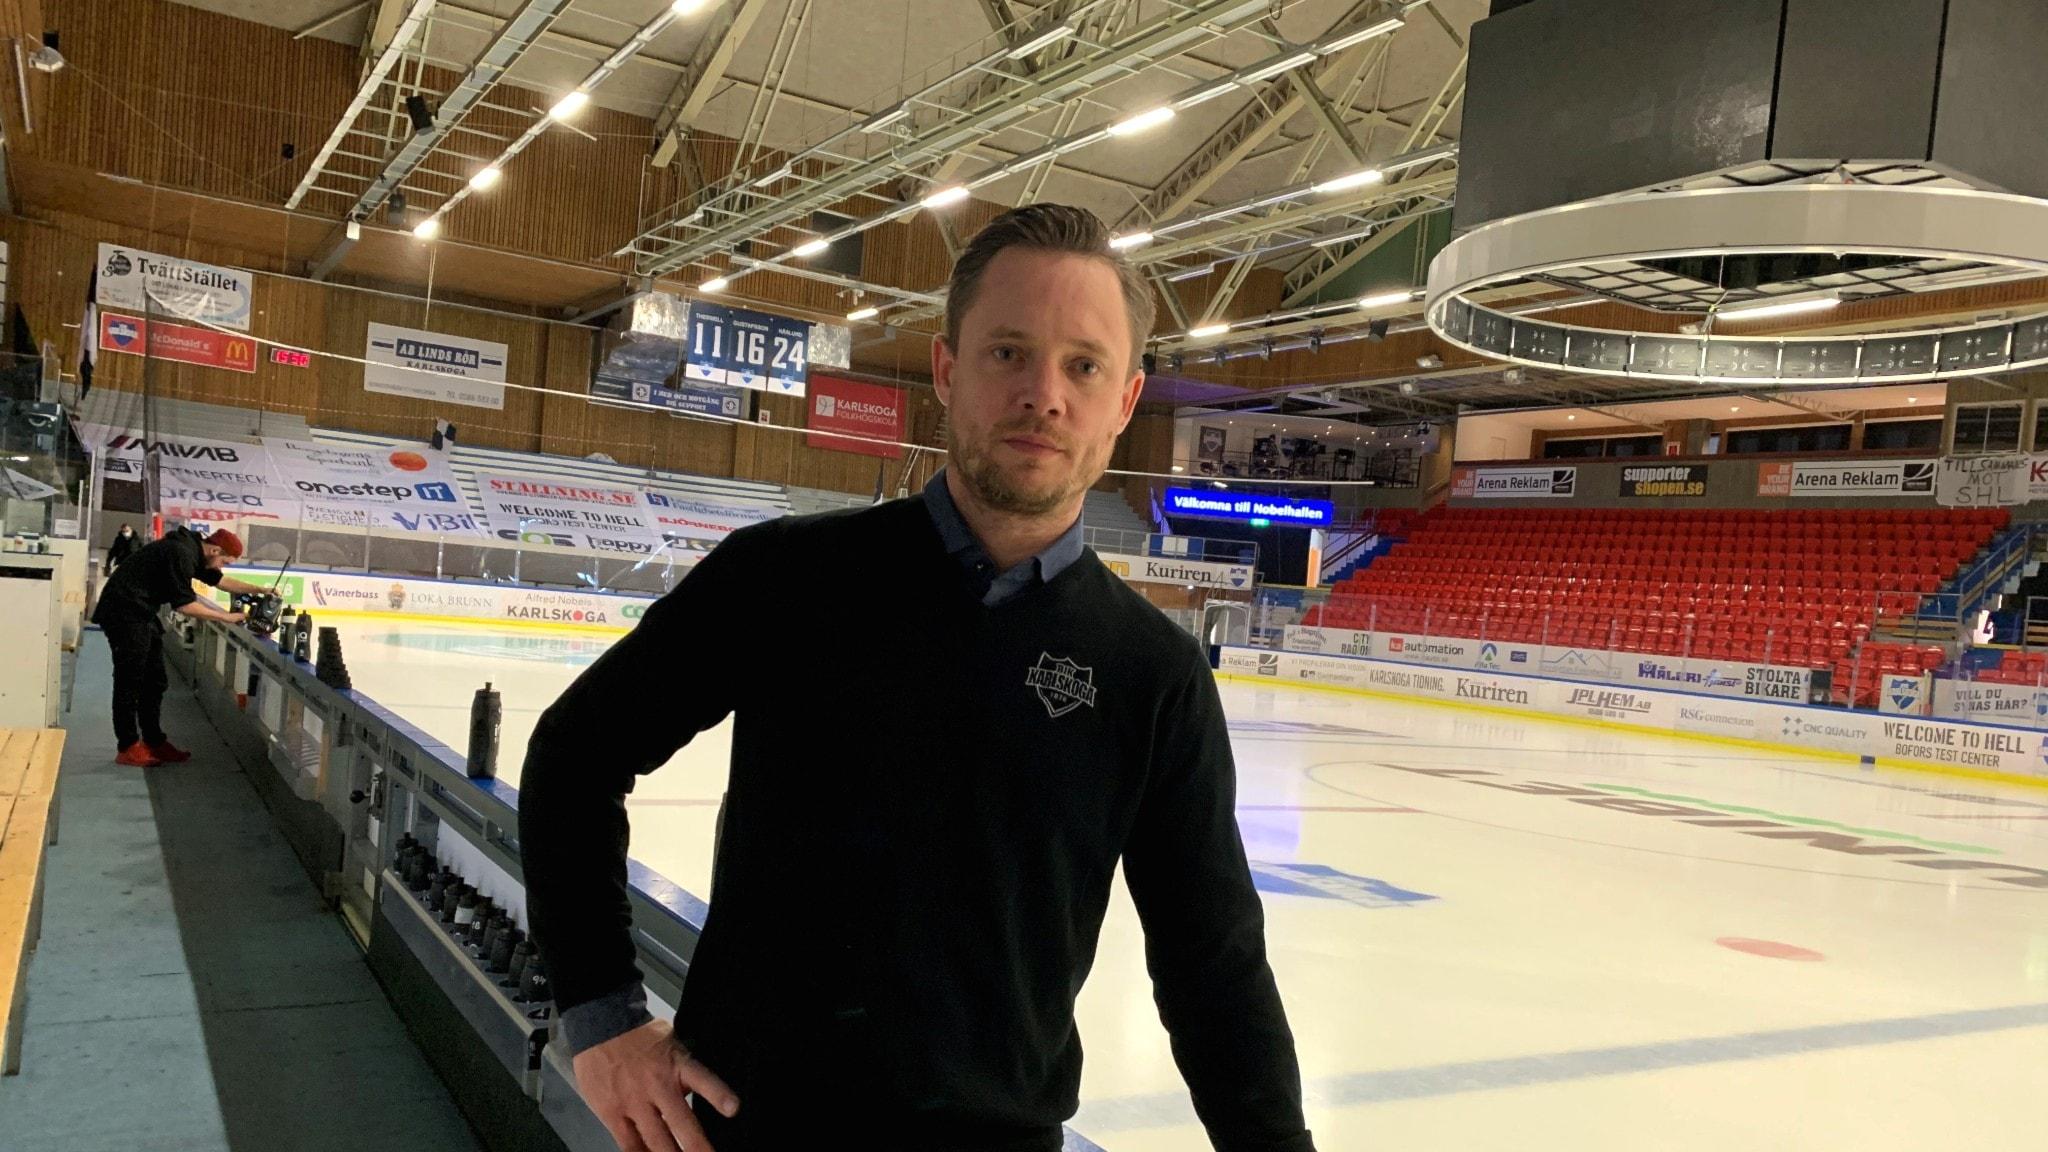 Sjunde avgörande matchen för BIK Karlskoga